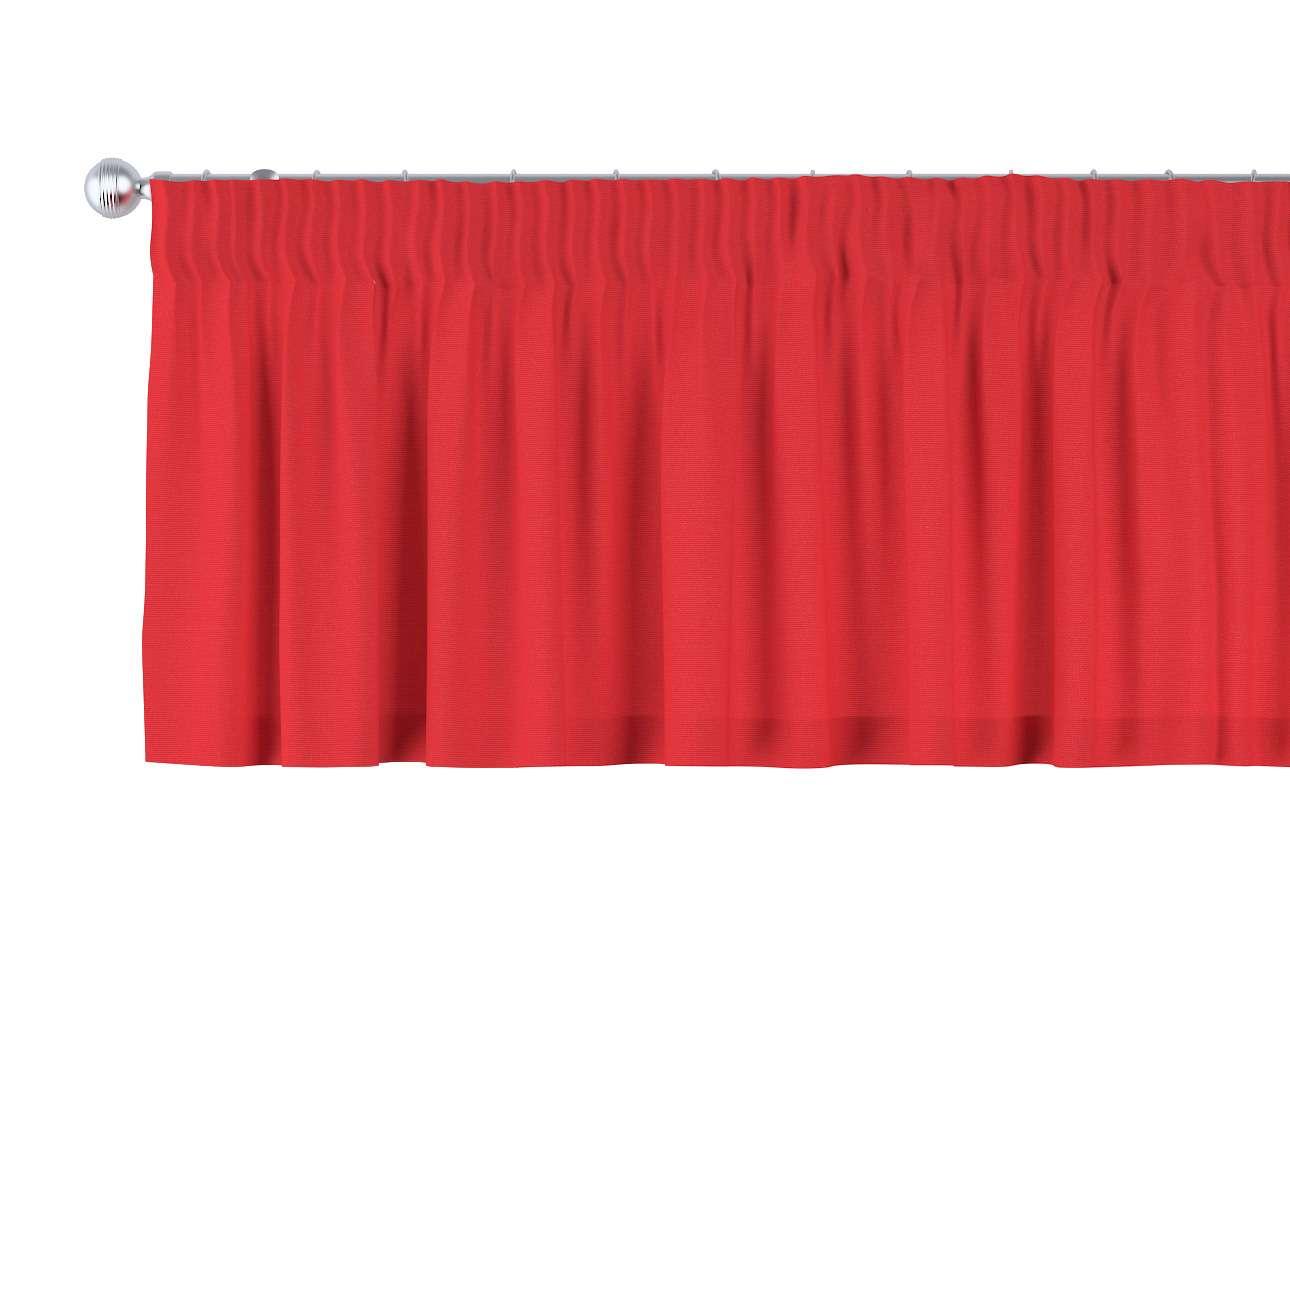 Gardinkappe med rynkebånd 130 × 40 cm fra kollektionen Loneta, Stof: 133-43